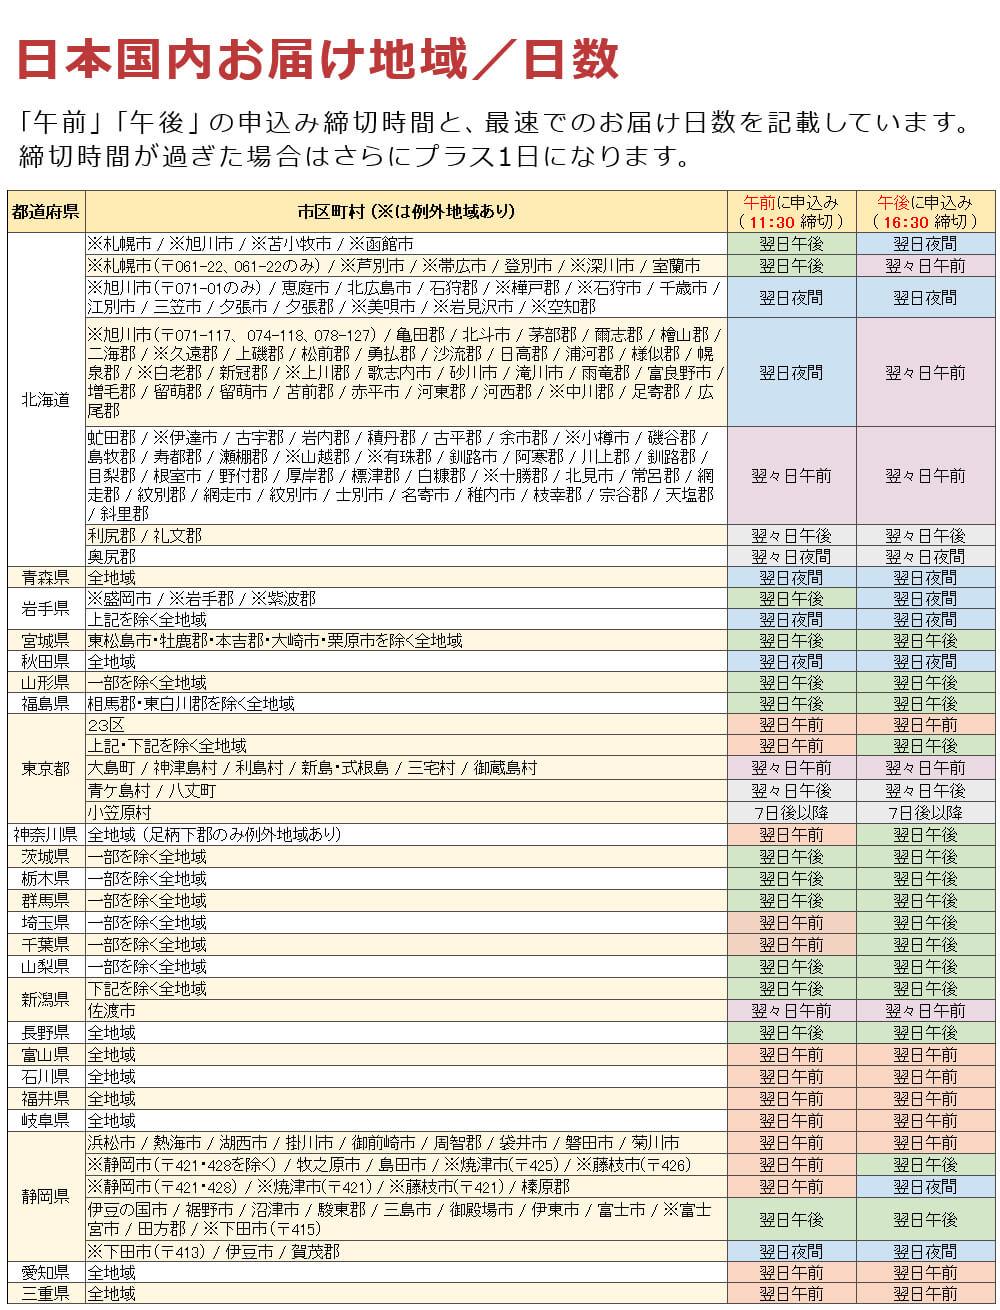 日本国内便 お届け地域・日数 簡易表1